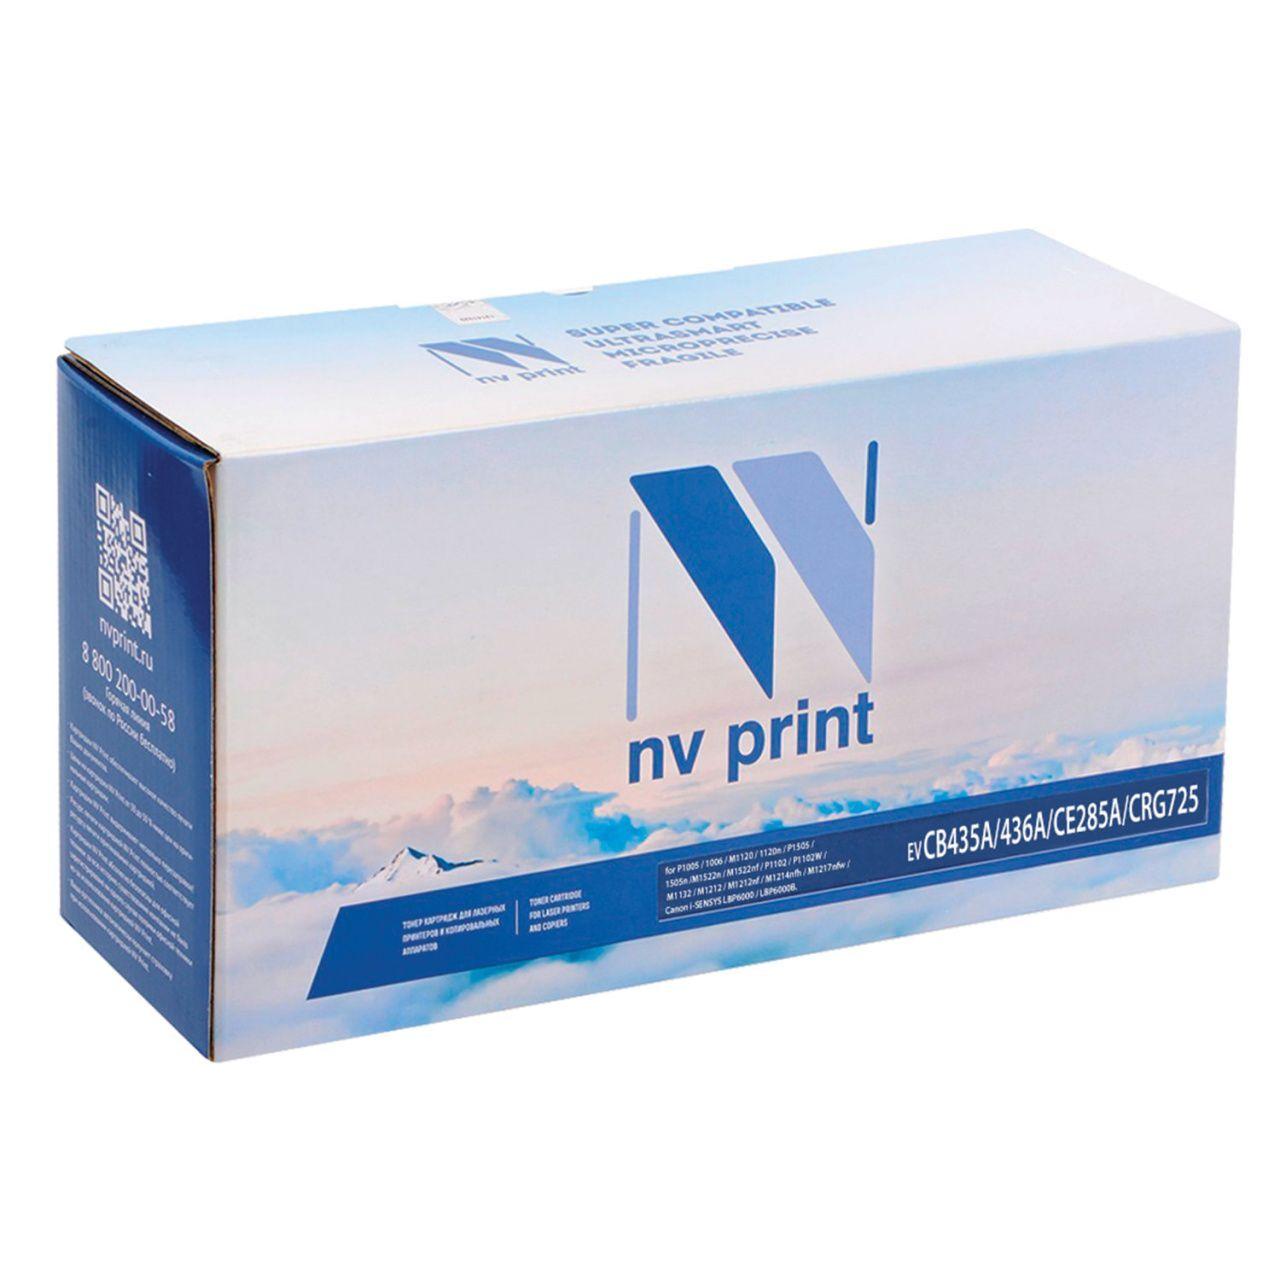 Тонер-картридж NV Print (NV-CE285A/CB435A/436A/725), черный, для лазерного принтера, совместимый